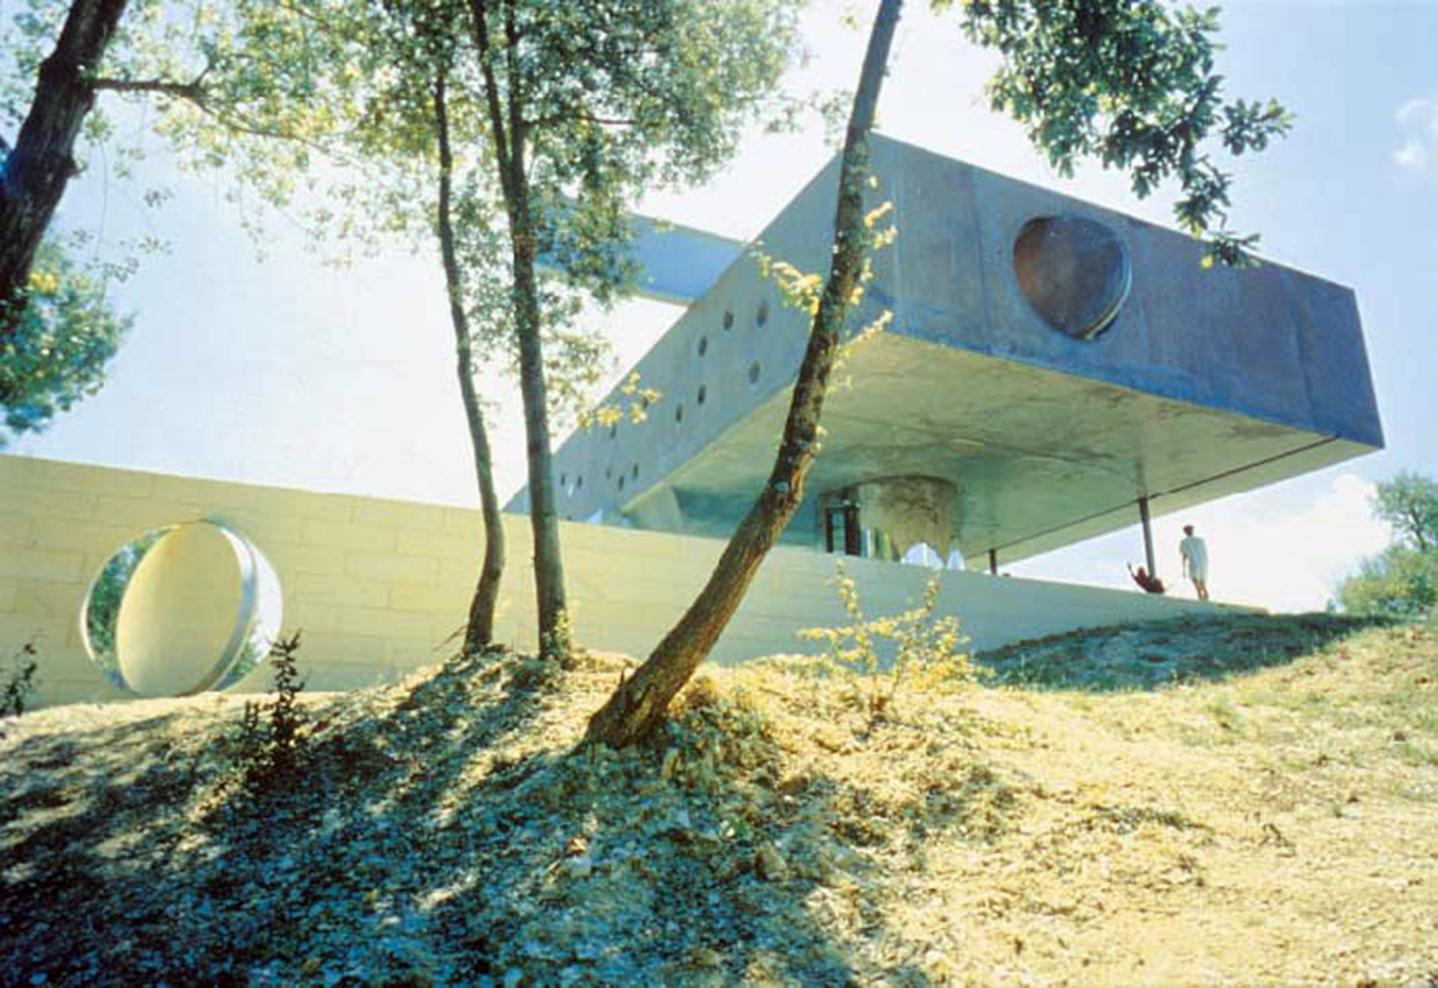 Rem koolhaas the pritzker architecture prize - Maison de l architecture bordeaux ...